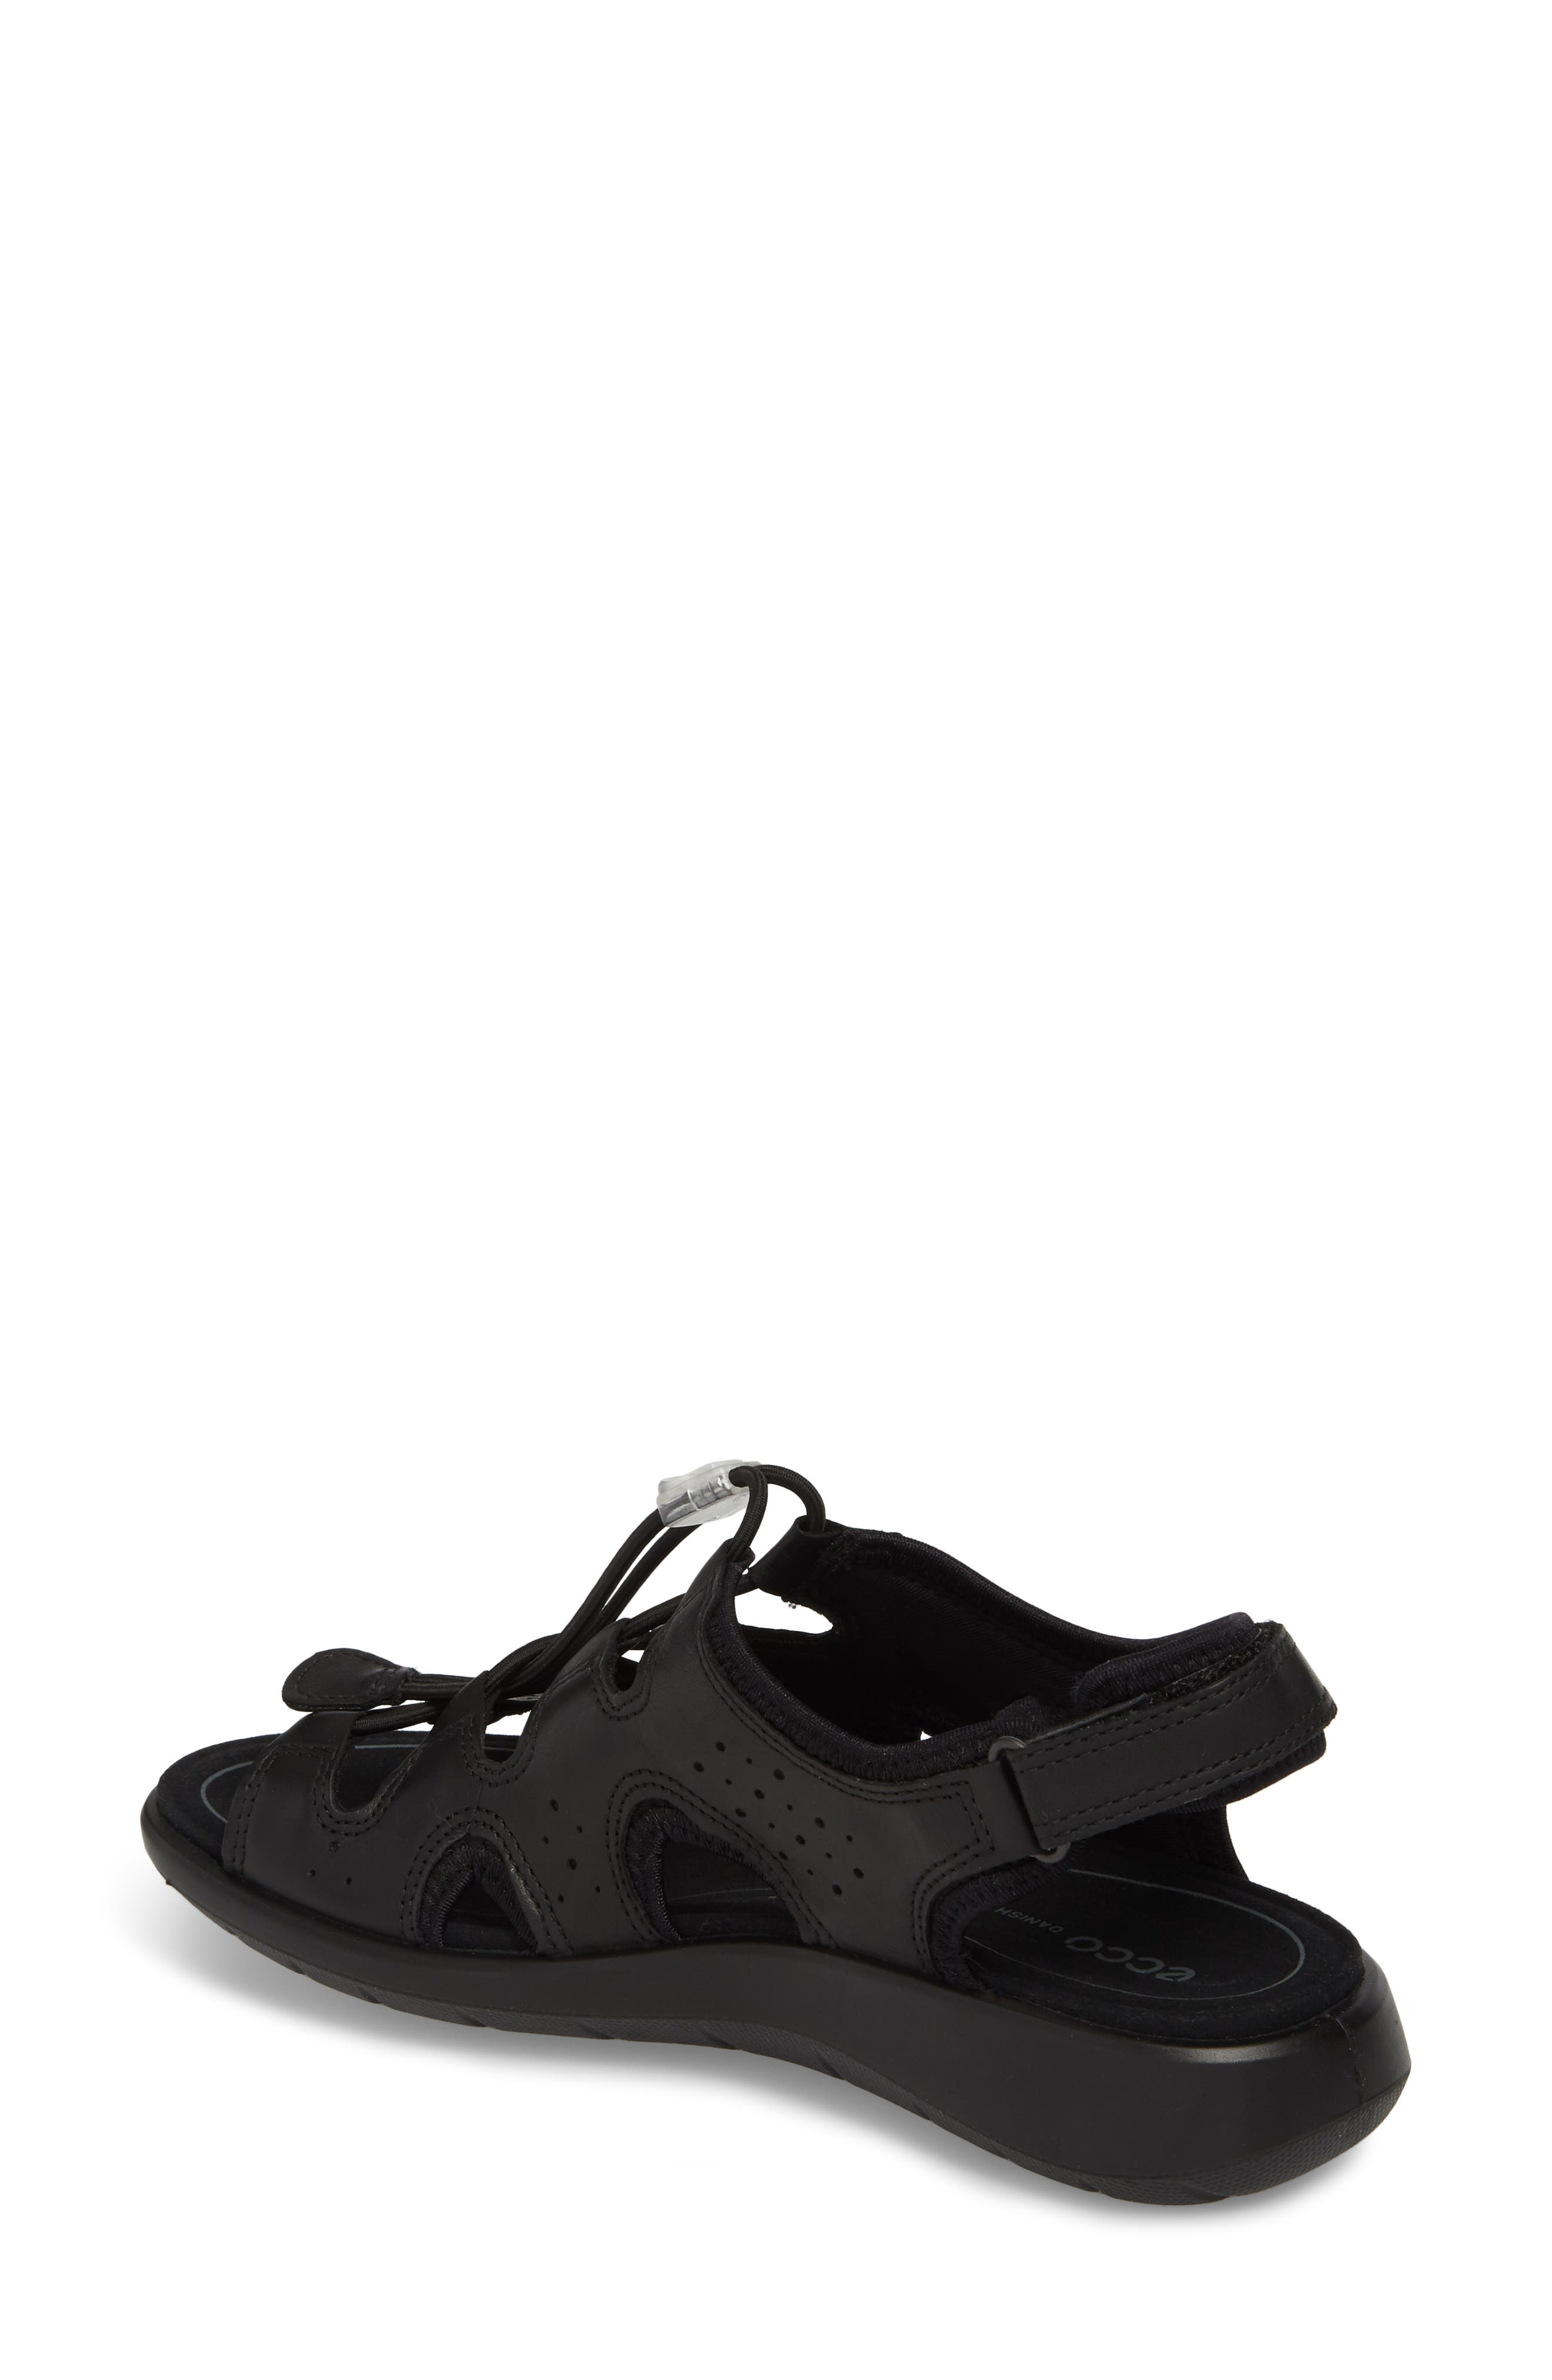 Bluma Toggle Sandal,                             Alternate thumbnail 2, color,                             Black Leather